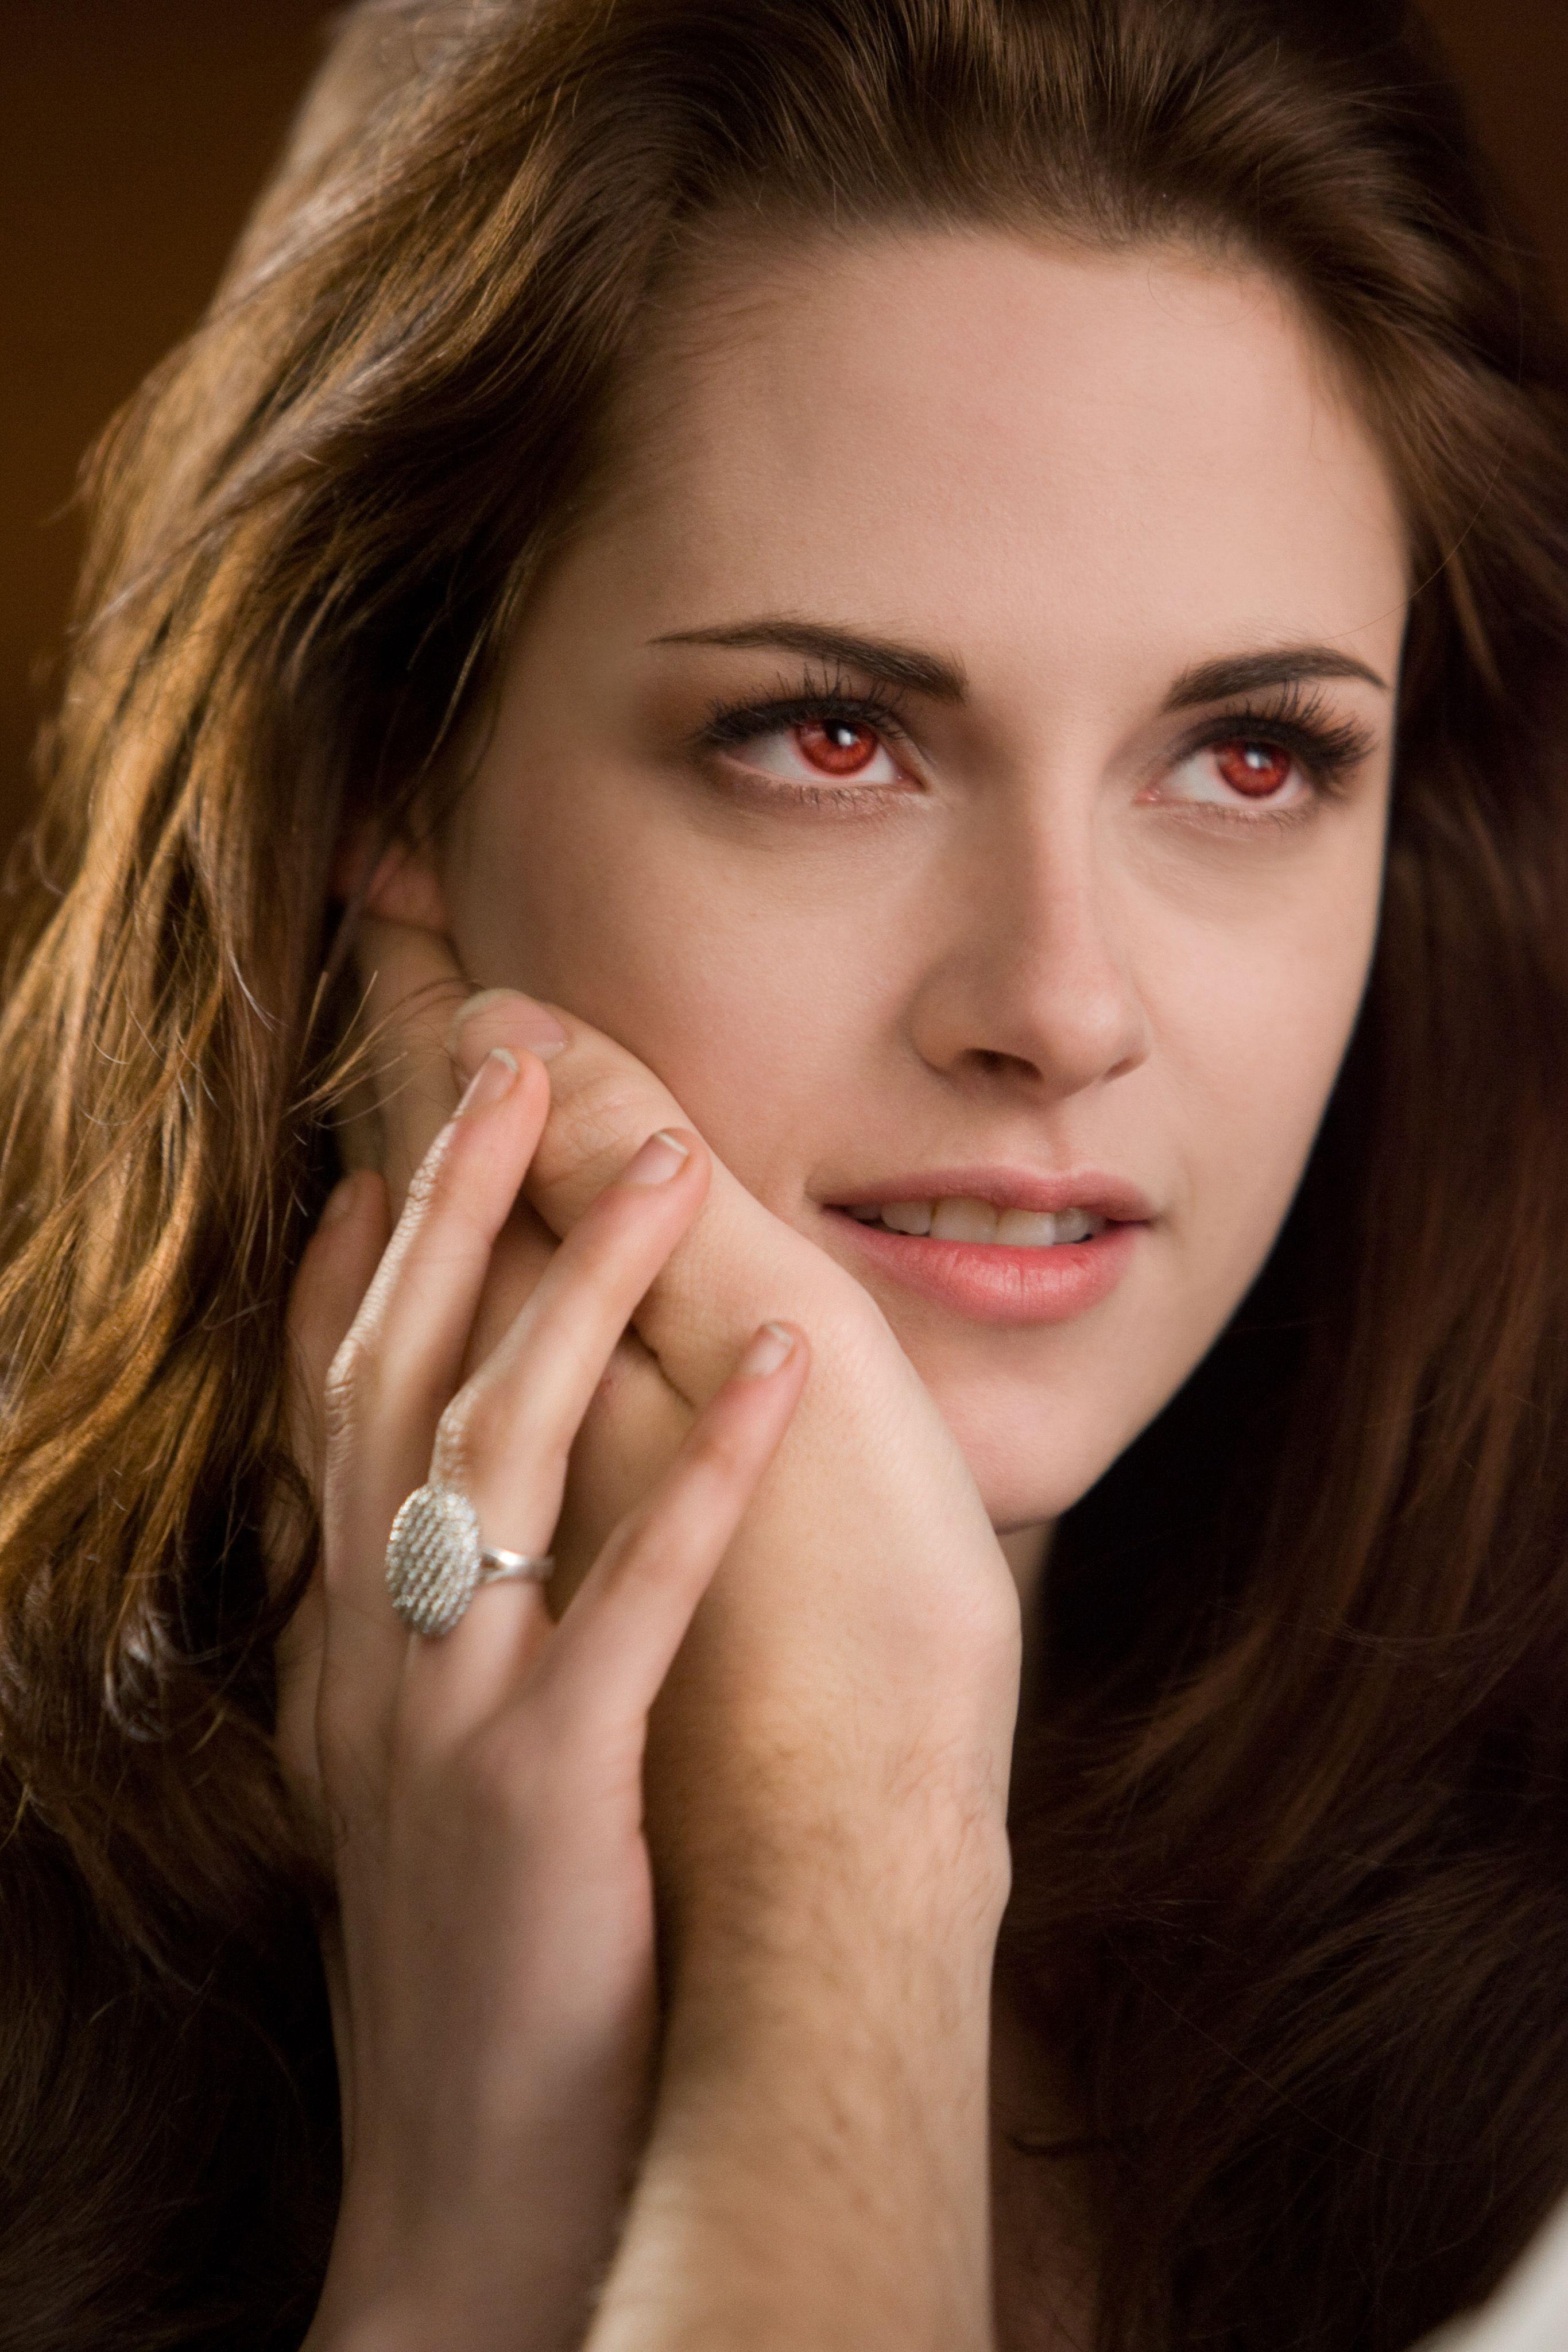 Image cullen family breaking dawn wallpaper twilight series - Breaking Dawn Part 2 Twilight Movietwilight Seriestwilight Photosbeautiful Cullenedward